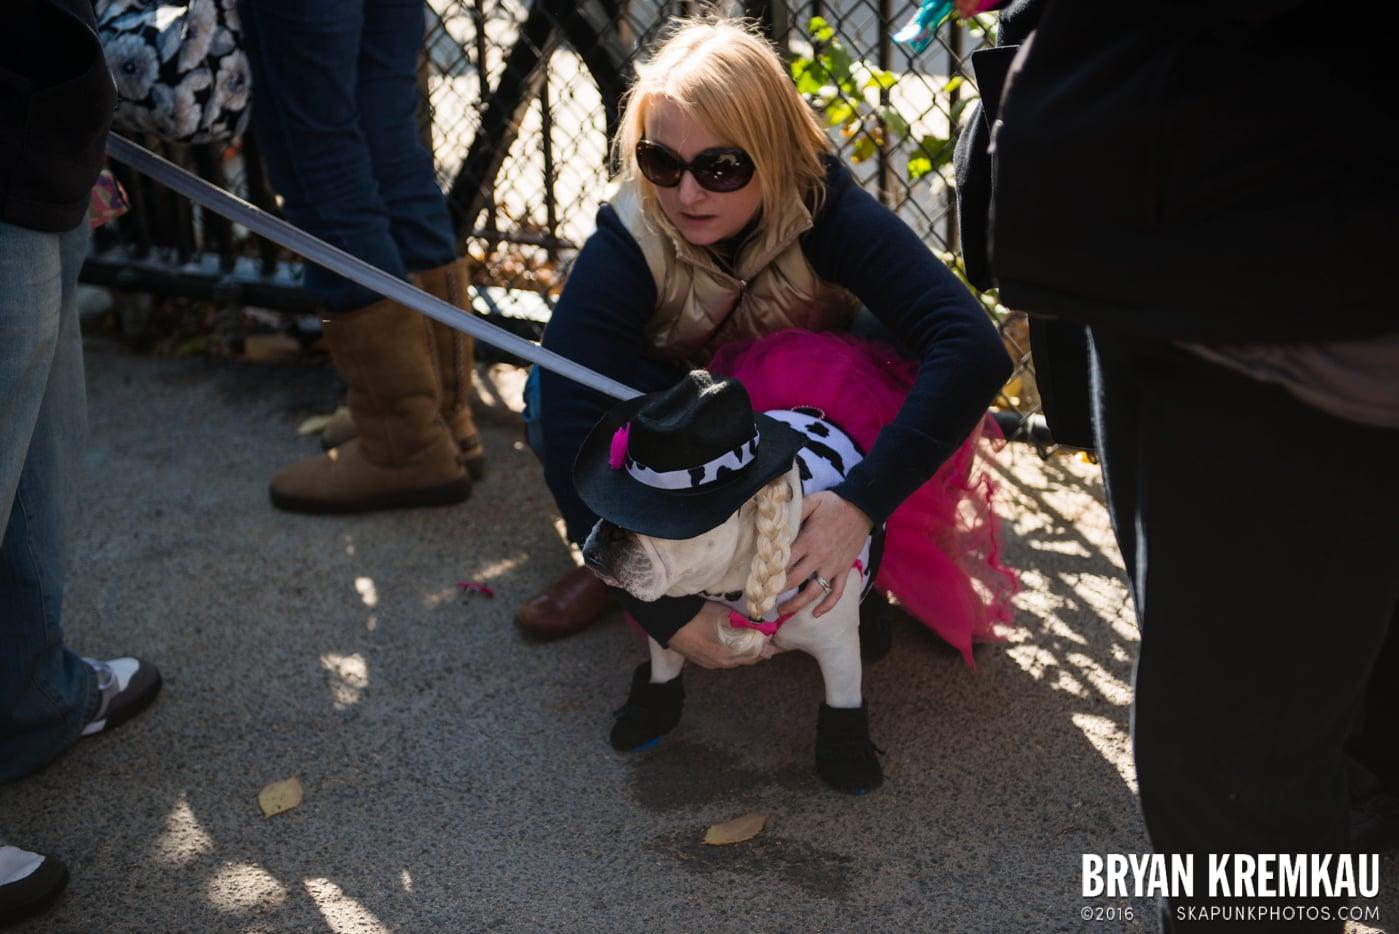 Tompkins Square Halloween Dog Parade 2013 @ Tompkins Square Park, NYC - 10.26.13 (71)